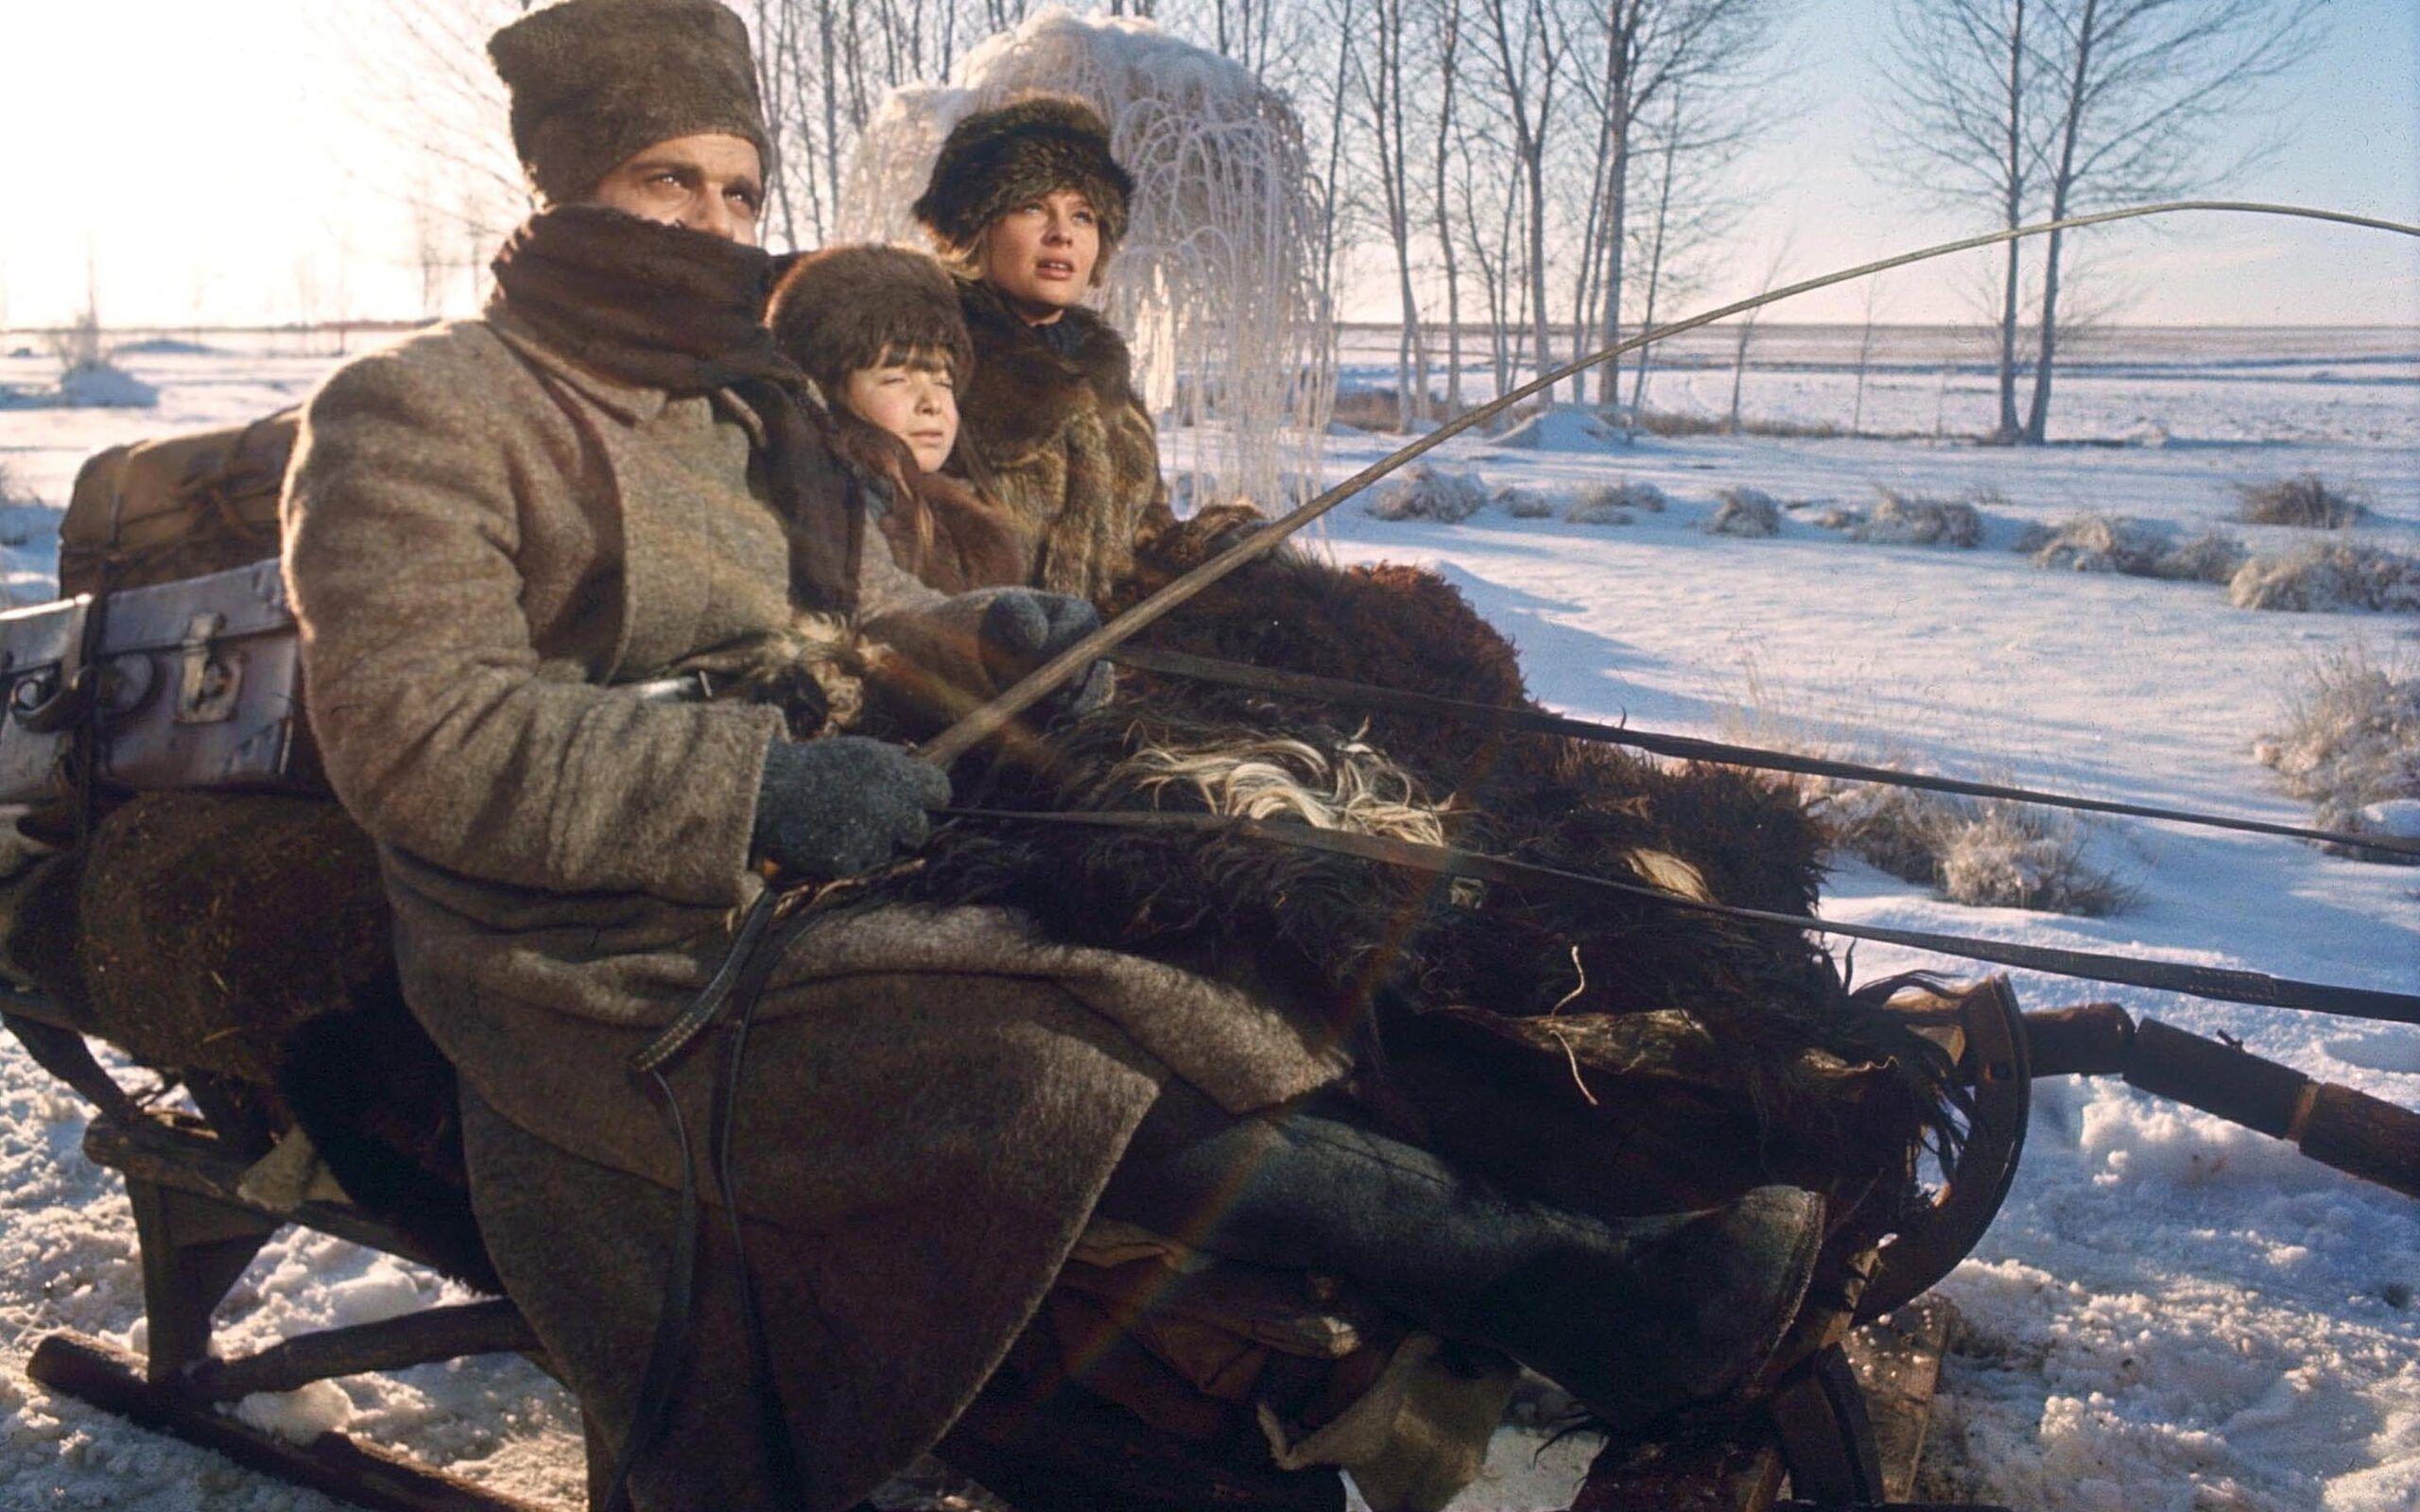 Ciklus filmova inspiriranih zimom u Kinoteci se nastavlja snježnim napeticama i epovima